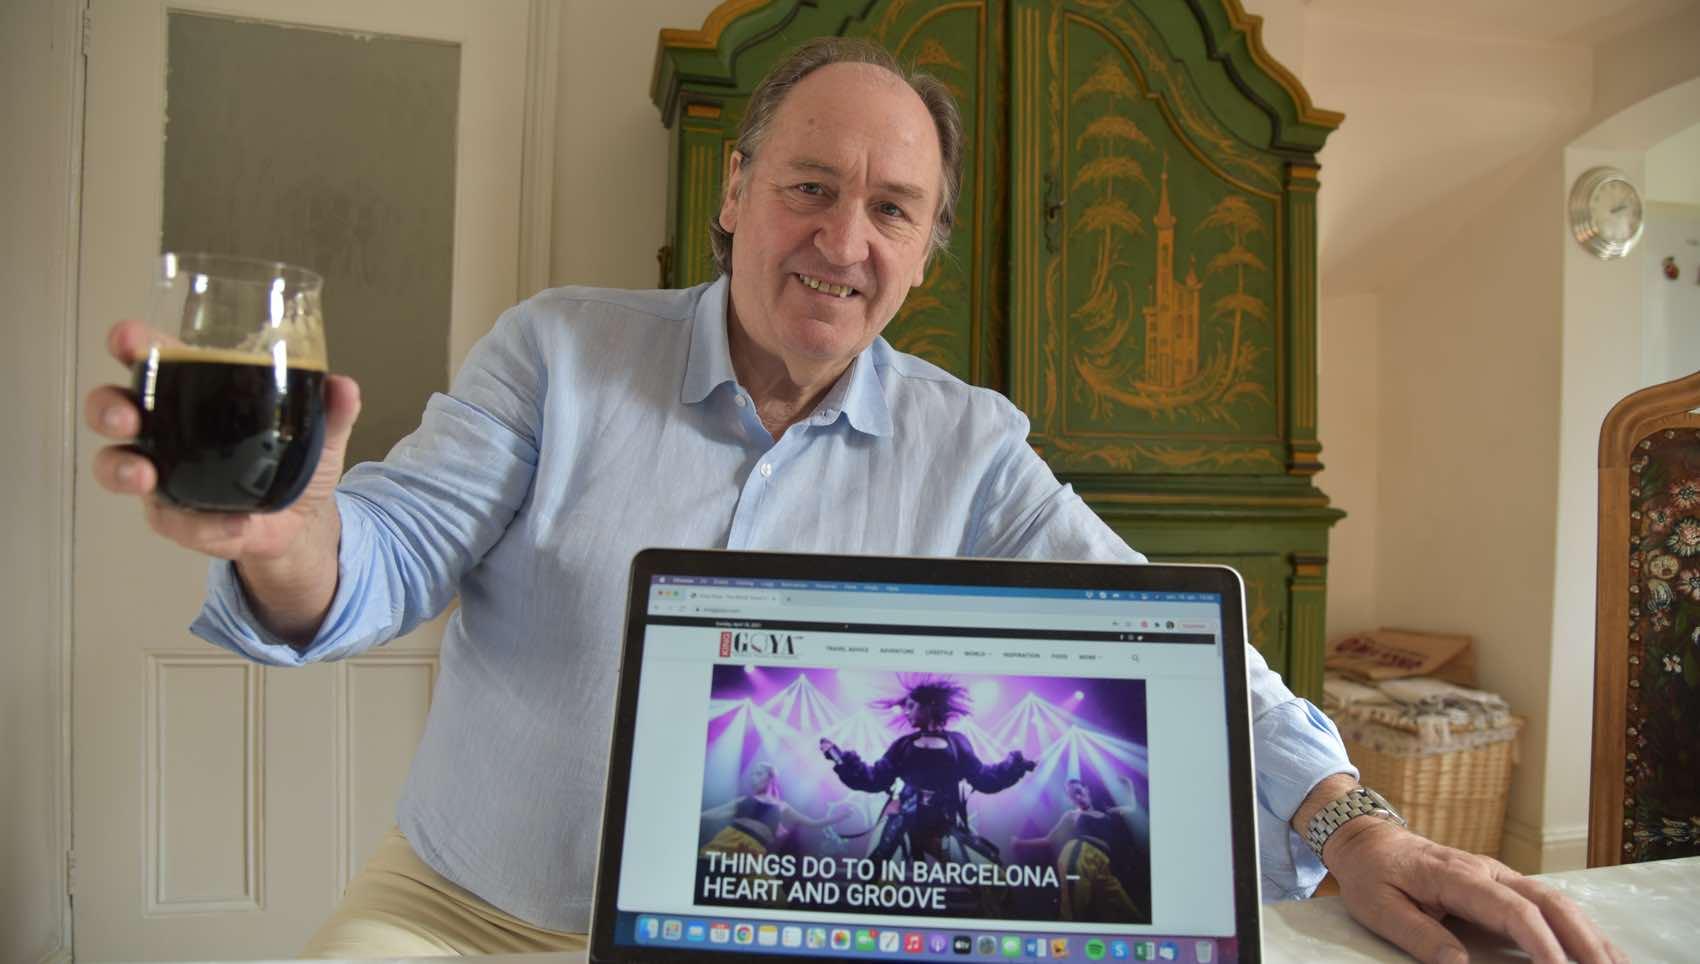 PRISVERDIG: Alltid oppløftende med en internasjonal pris. Gudmund Lindbaek, redaktør og reise-journalist